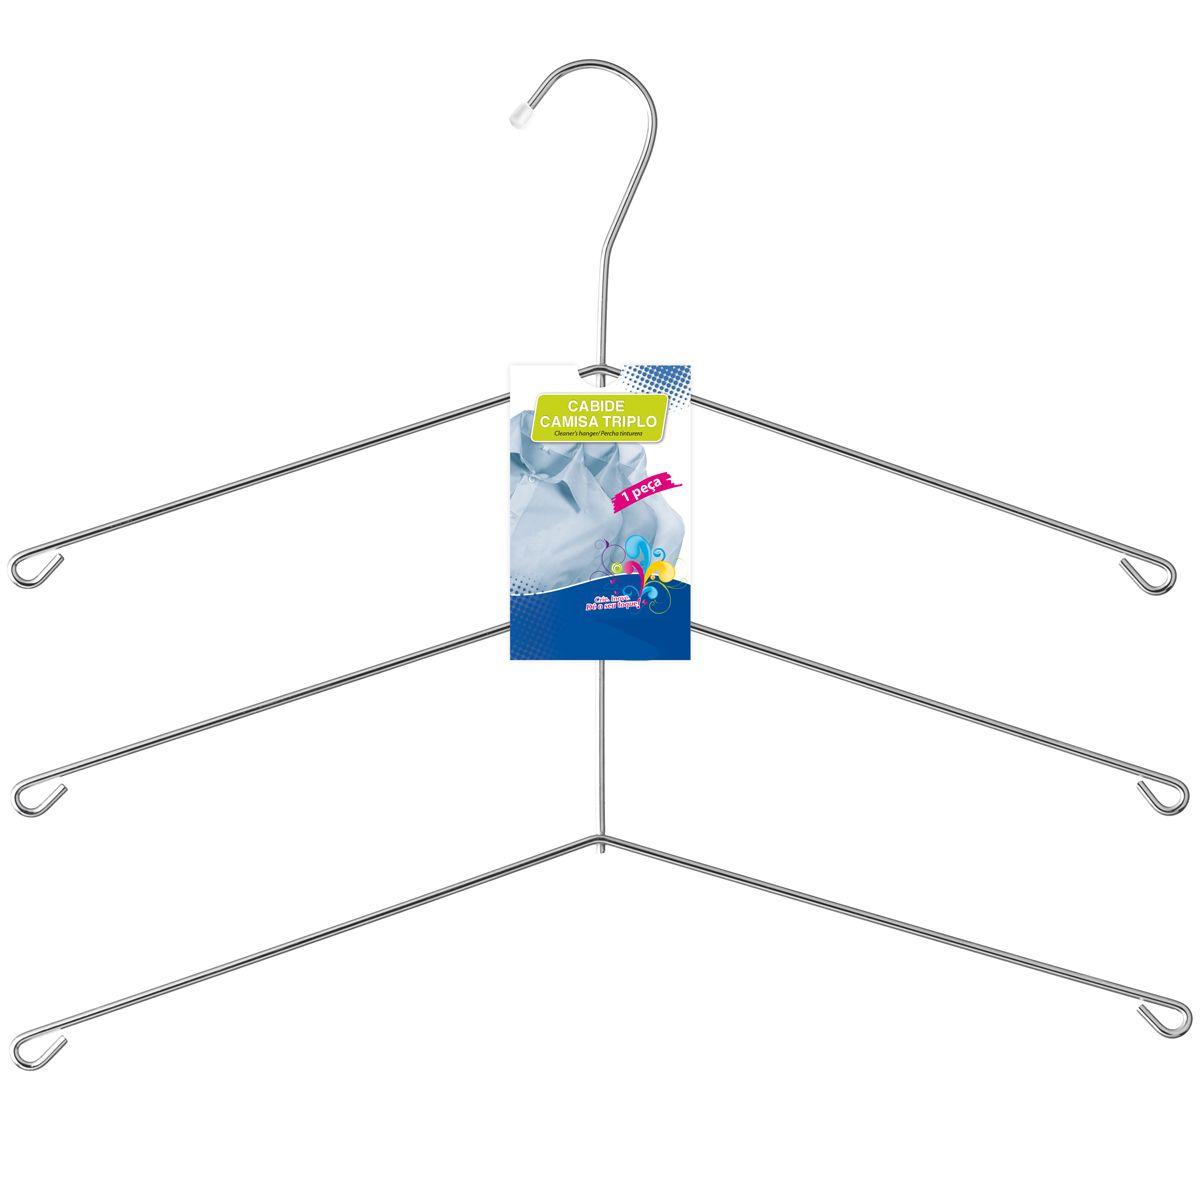 Cabide Cromado Triplo Para Camisas Polo Blusas Guarda Roupas